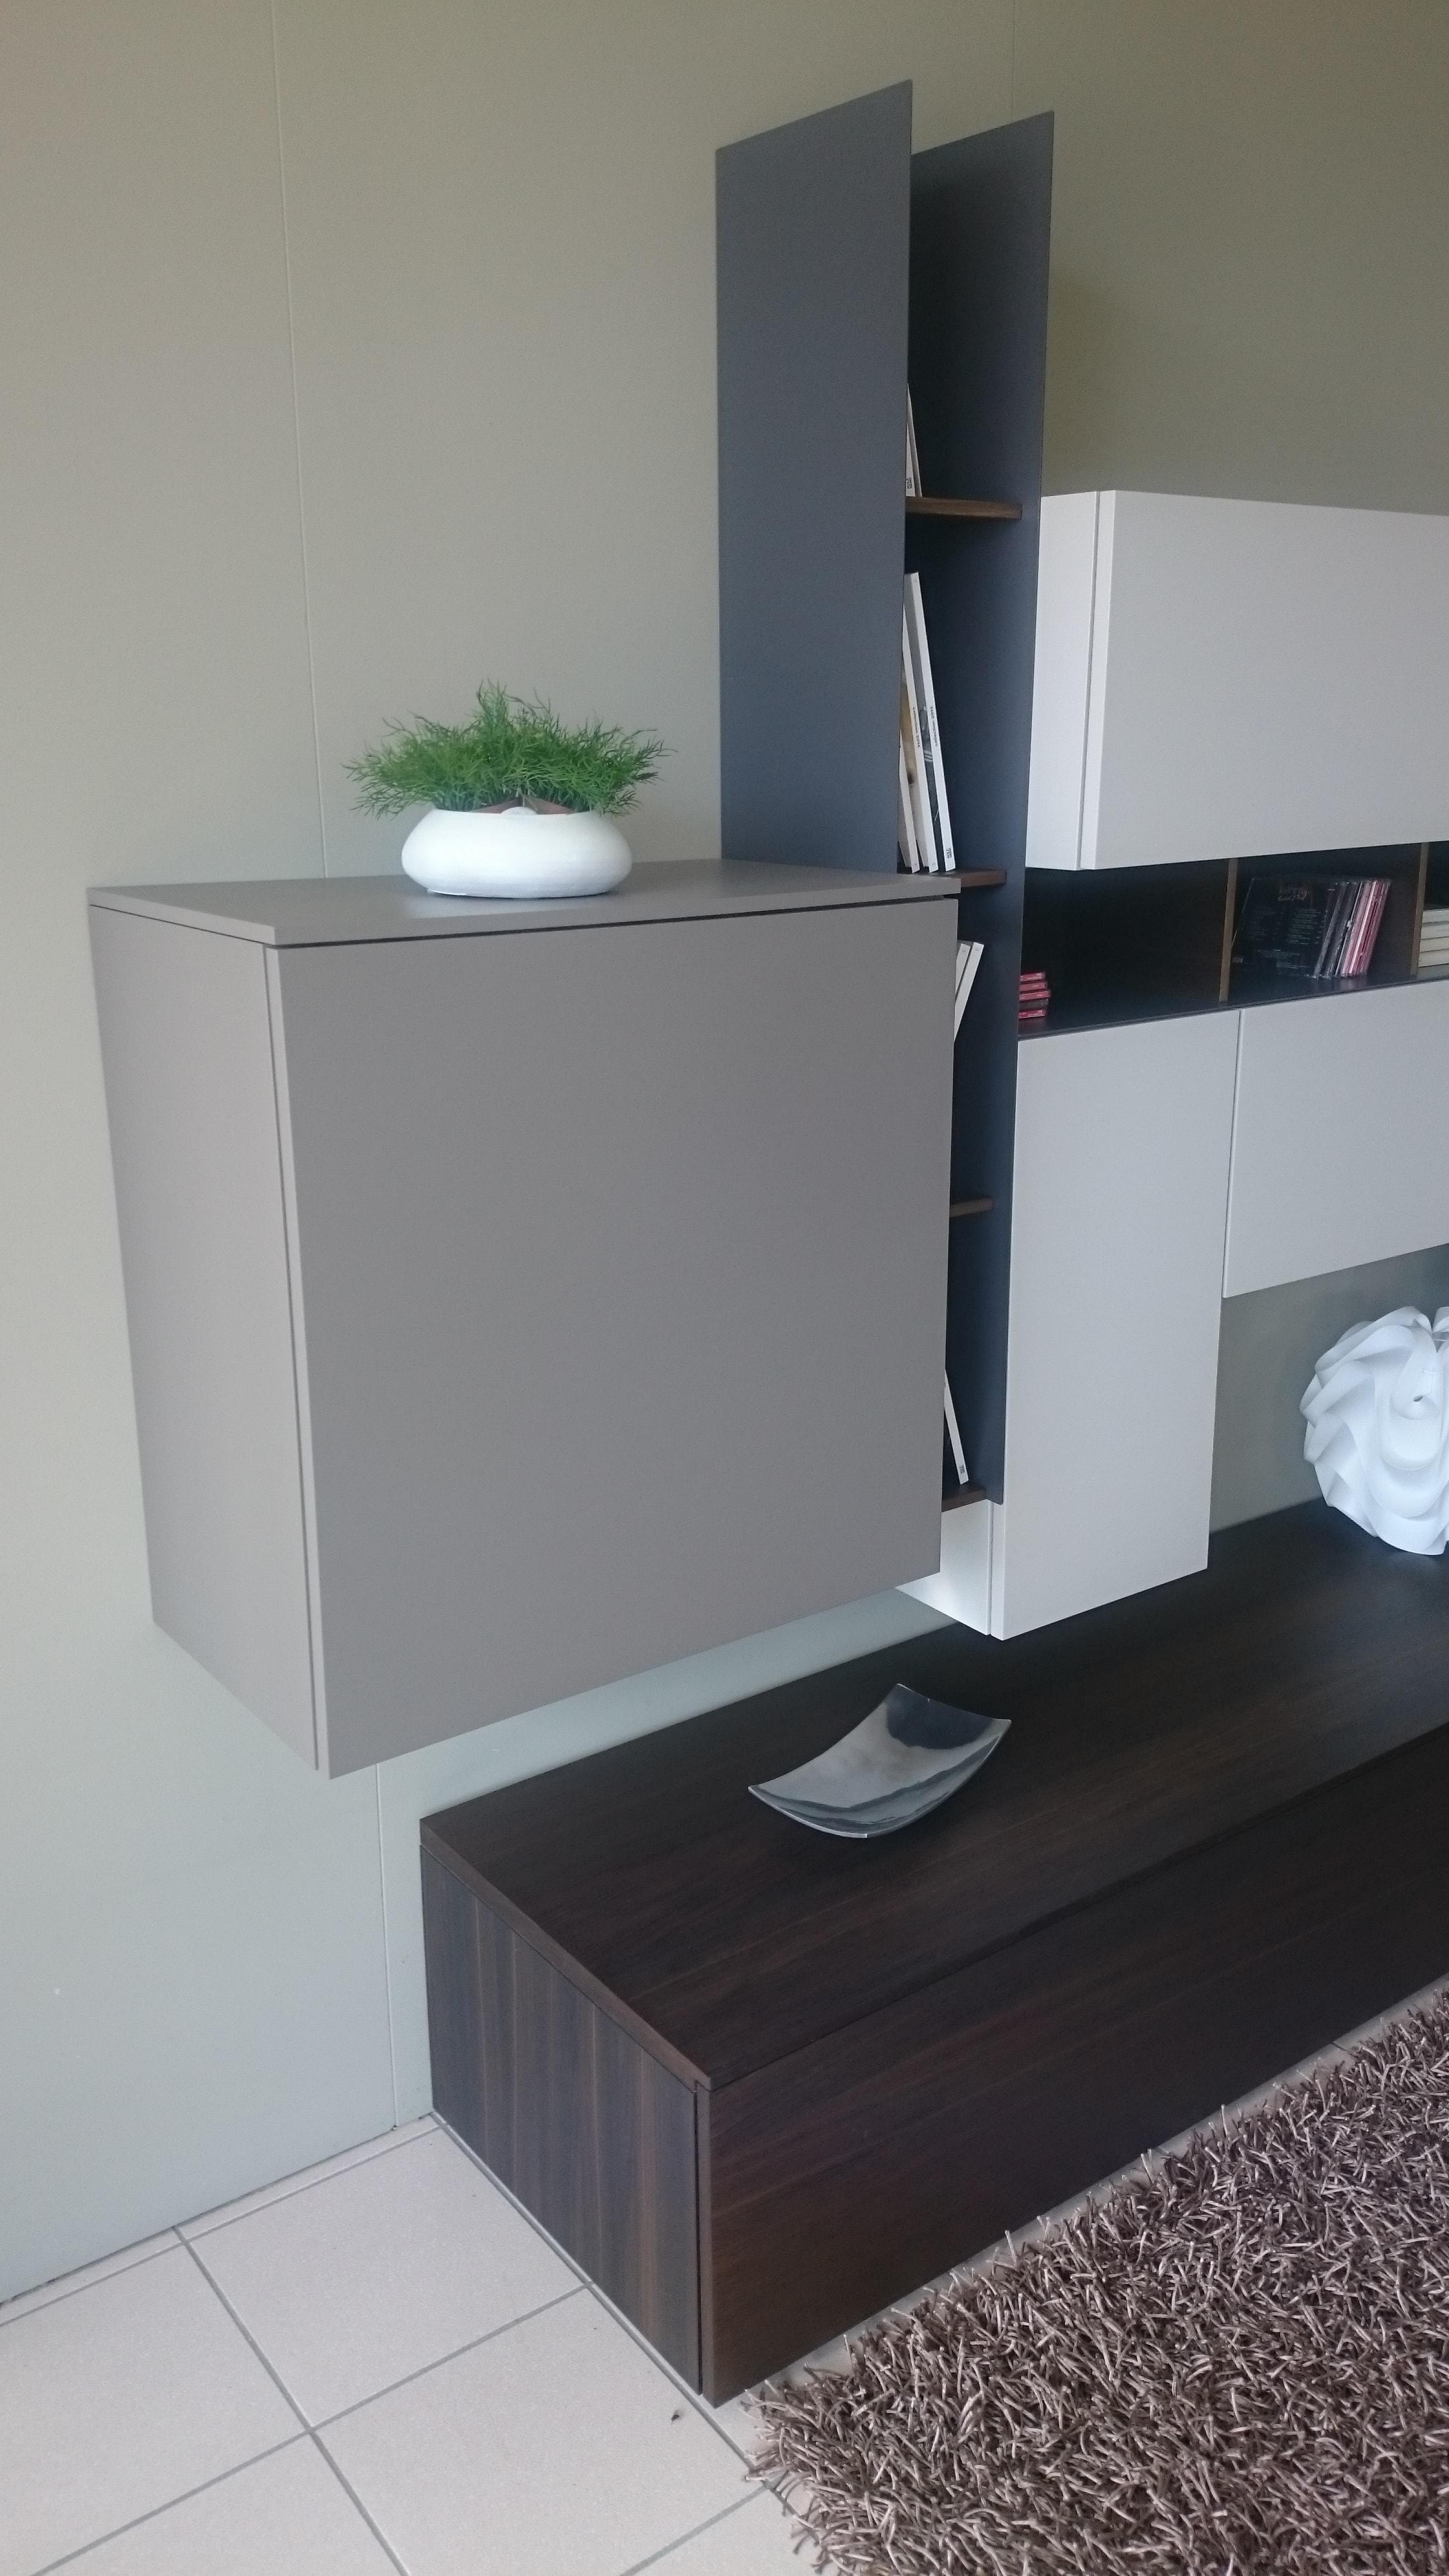 Soggiorno tomasella atlante componibili soggiorni a for Tomasella mobili soggiorno